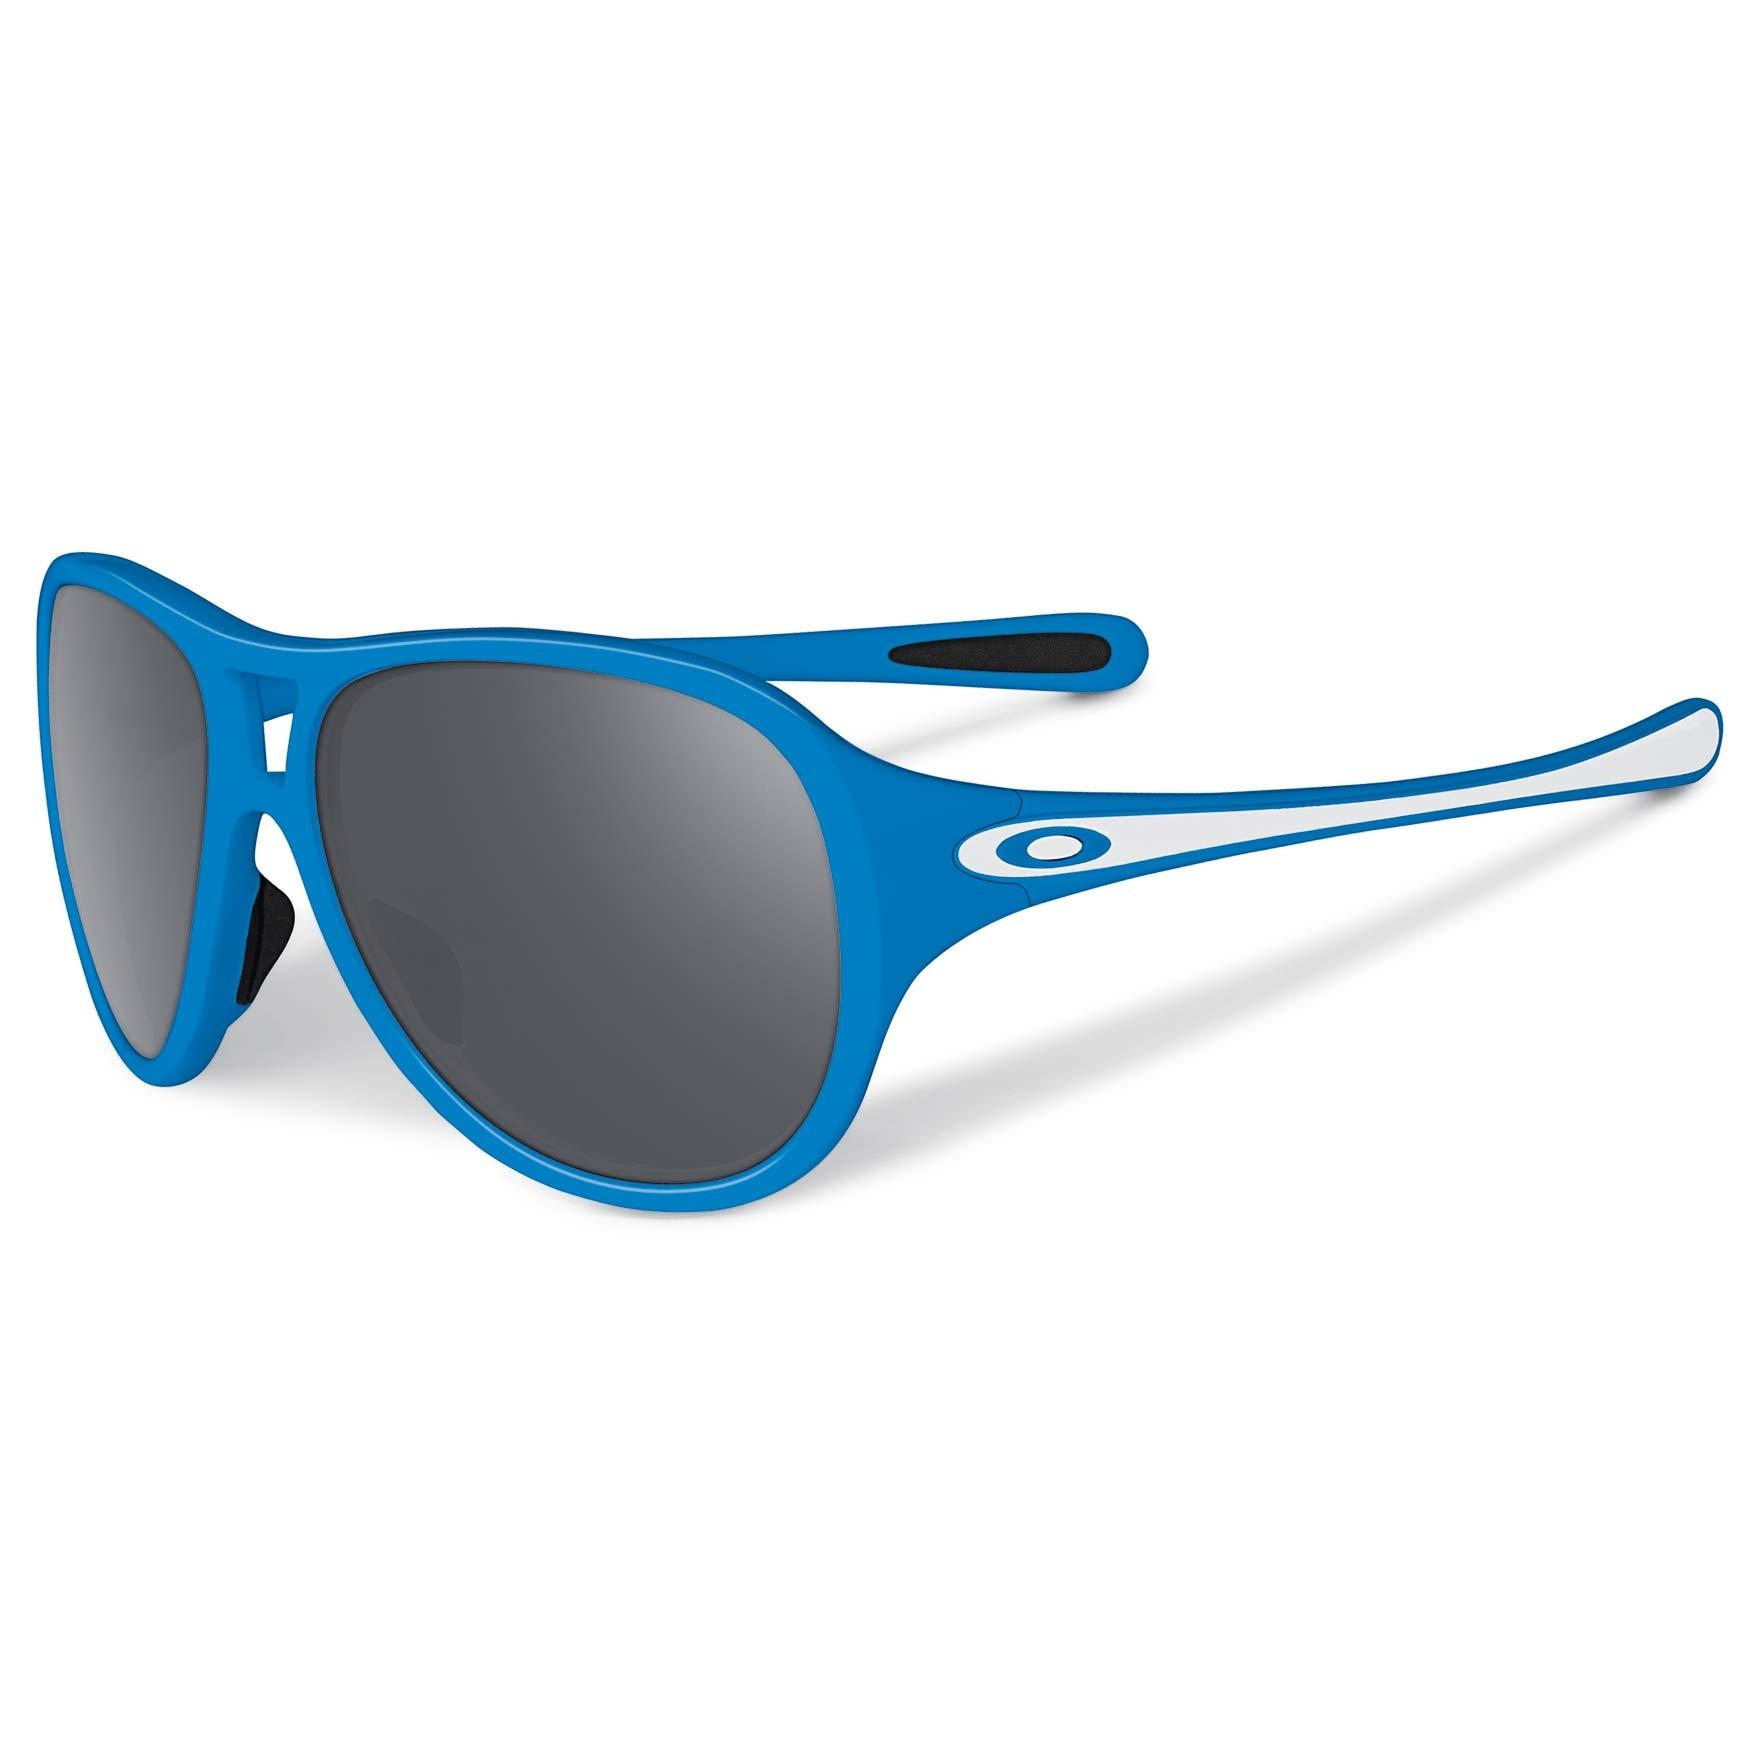 Sluneční brýle Oakley Twentysix.2 briliant blue